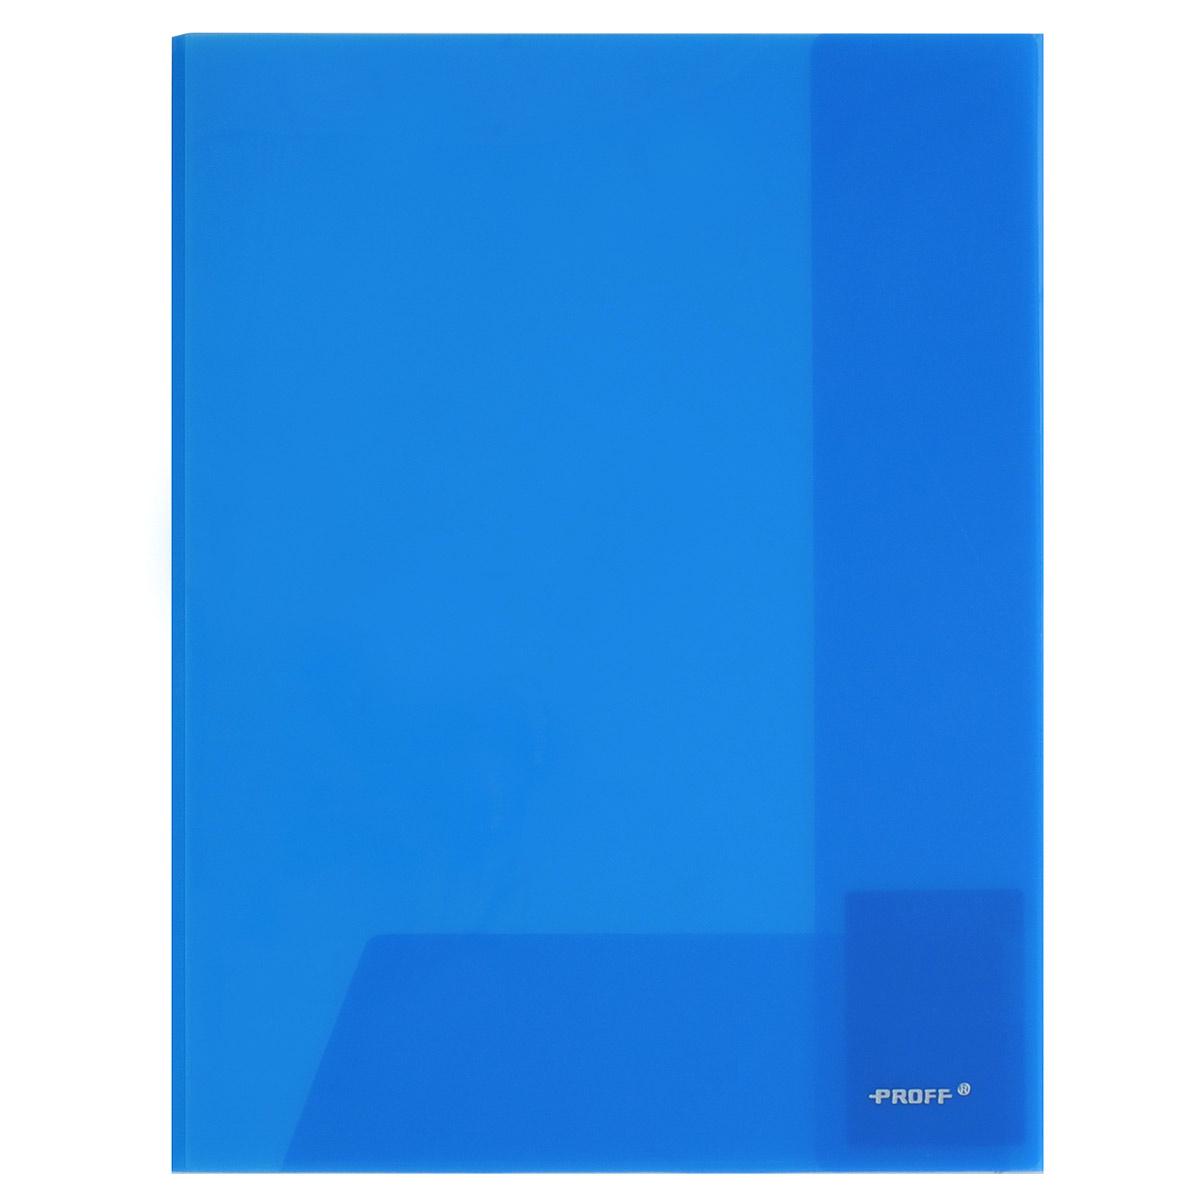 Папка-уголок Proff, цвет: синий, 2 клапана. Формат А4AC-1121RDПапка-уголок Proff, изготовленная из высококачественного полипропилена, это удобный и практичный офисный инструмент, предназначенный для хранения и транспортировки рабочих бумаг и документов формата А4. Полупрозрачная папка оснащена двумя клапана внутри для надежного удержания бумаг. Папка-уголок - это незаменимый атрибут для студента, школьника, офисного работника. Такая папка надежно сохранит ваши документы и сбережет их от повреждений, пыли и влаги.